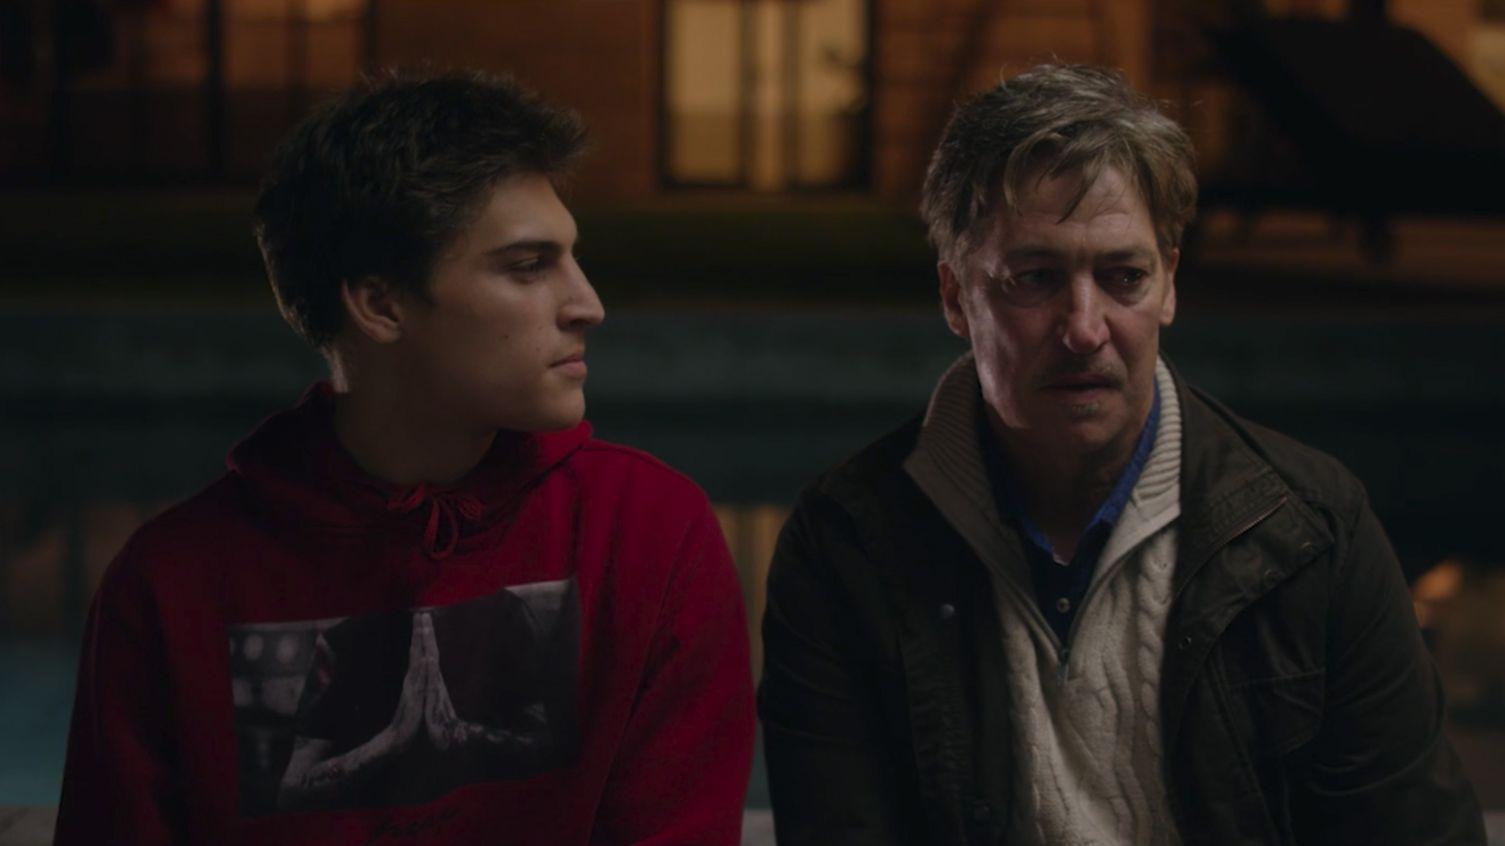 Ein Junge und ein Man sitzen abends im Freien nebeneinander: Morettis Filmsohn Damian wird von Morettis wirklichem Sohn Lenz Moretti gespielt